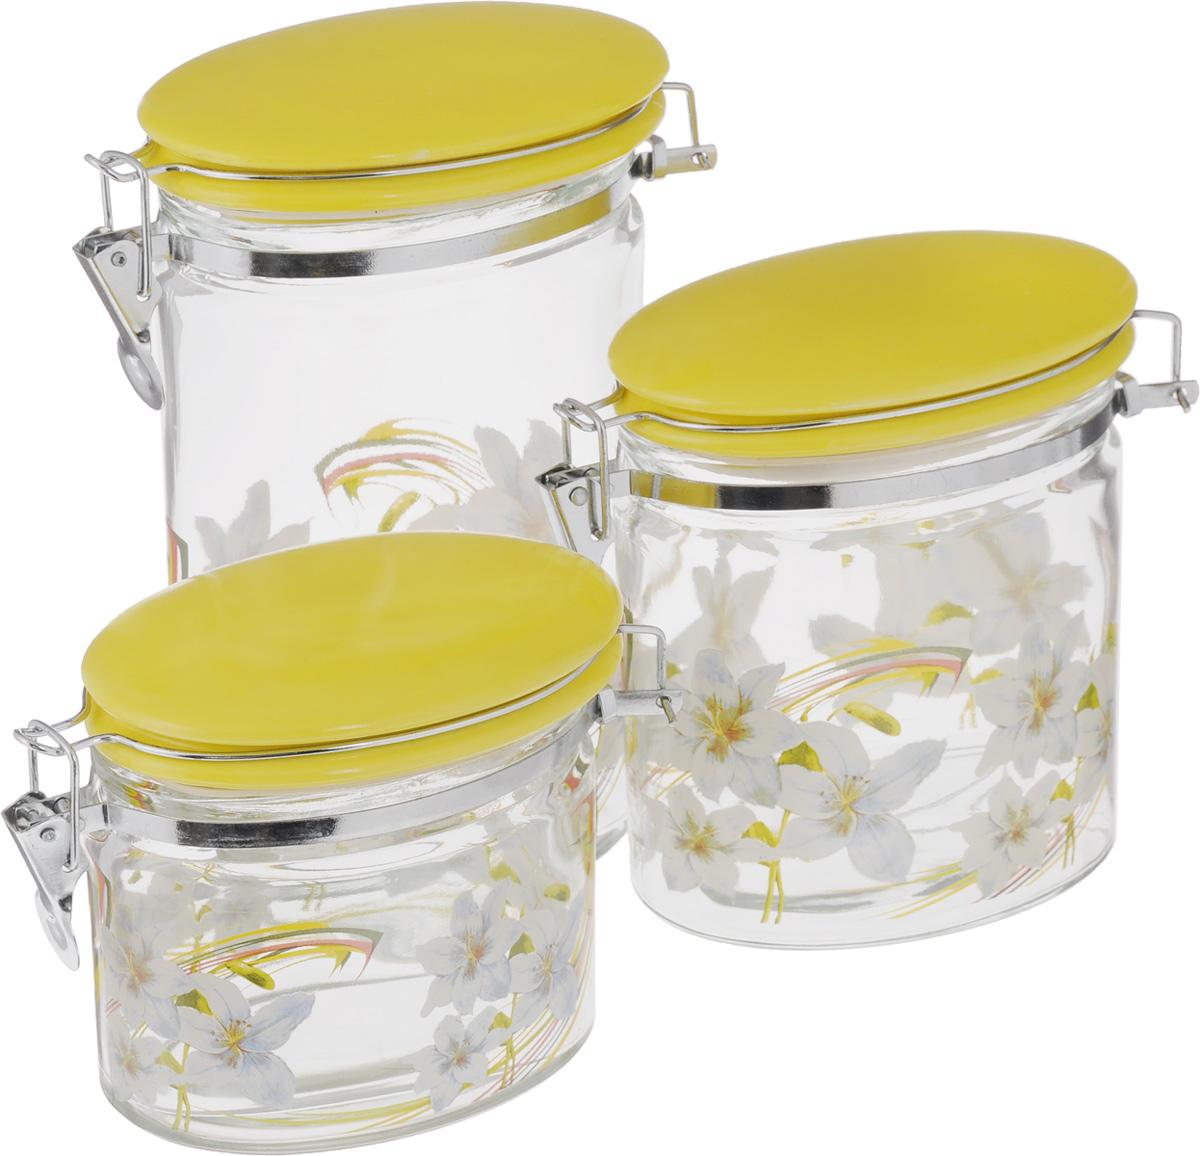 Набор банок для сыпучих продуктов Loraine, цвет: желтый, прозрачный, 3 штVT-1520(SR)Набор Loraine состоит из трех банок разного объема, предназначенных для хранения сыпучих продуктов. Изделия выполнены из высококачественного стекла и декорированы изображением цветов. Керамические крышки оснащены специальными металлическими фиксаторами, которые позволяют герметично закрывать емкости и сохранить свежесть продуктов. Банки прекрасно подходят для круп, орехов, сухофруктов, чая, кофе, сахара и многого другого.Оригинальный и необычный дизайн набора Loraine прекрасно впишется в интерьер вашей кухни. А также станет желанным подарком для любой хозяйки. Объем банок: 425 мл; 850 мл; 1,15 л. Размер банок (с учетом фиксаторов): 15,5 х 8 х 12,5 см; 15,5 х 8 х 15,5 см; 15,5 х 8 х 22,5 см.